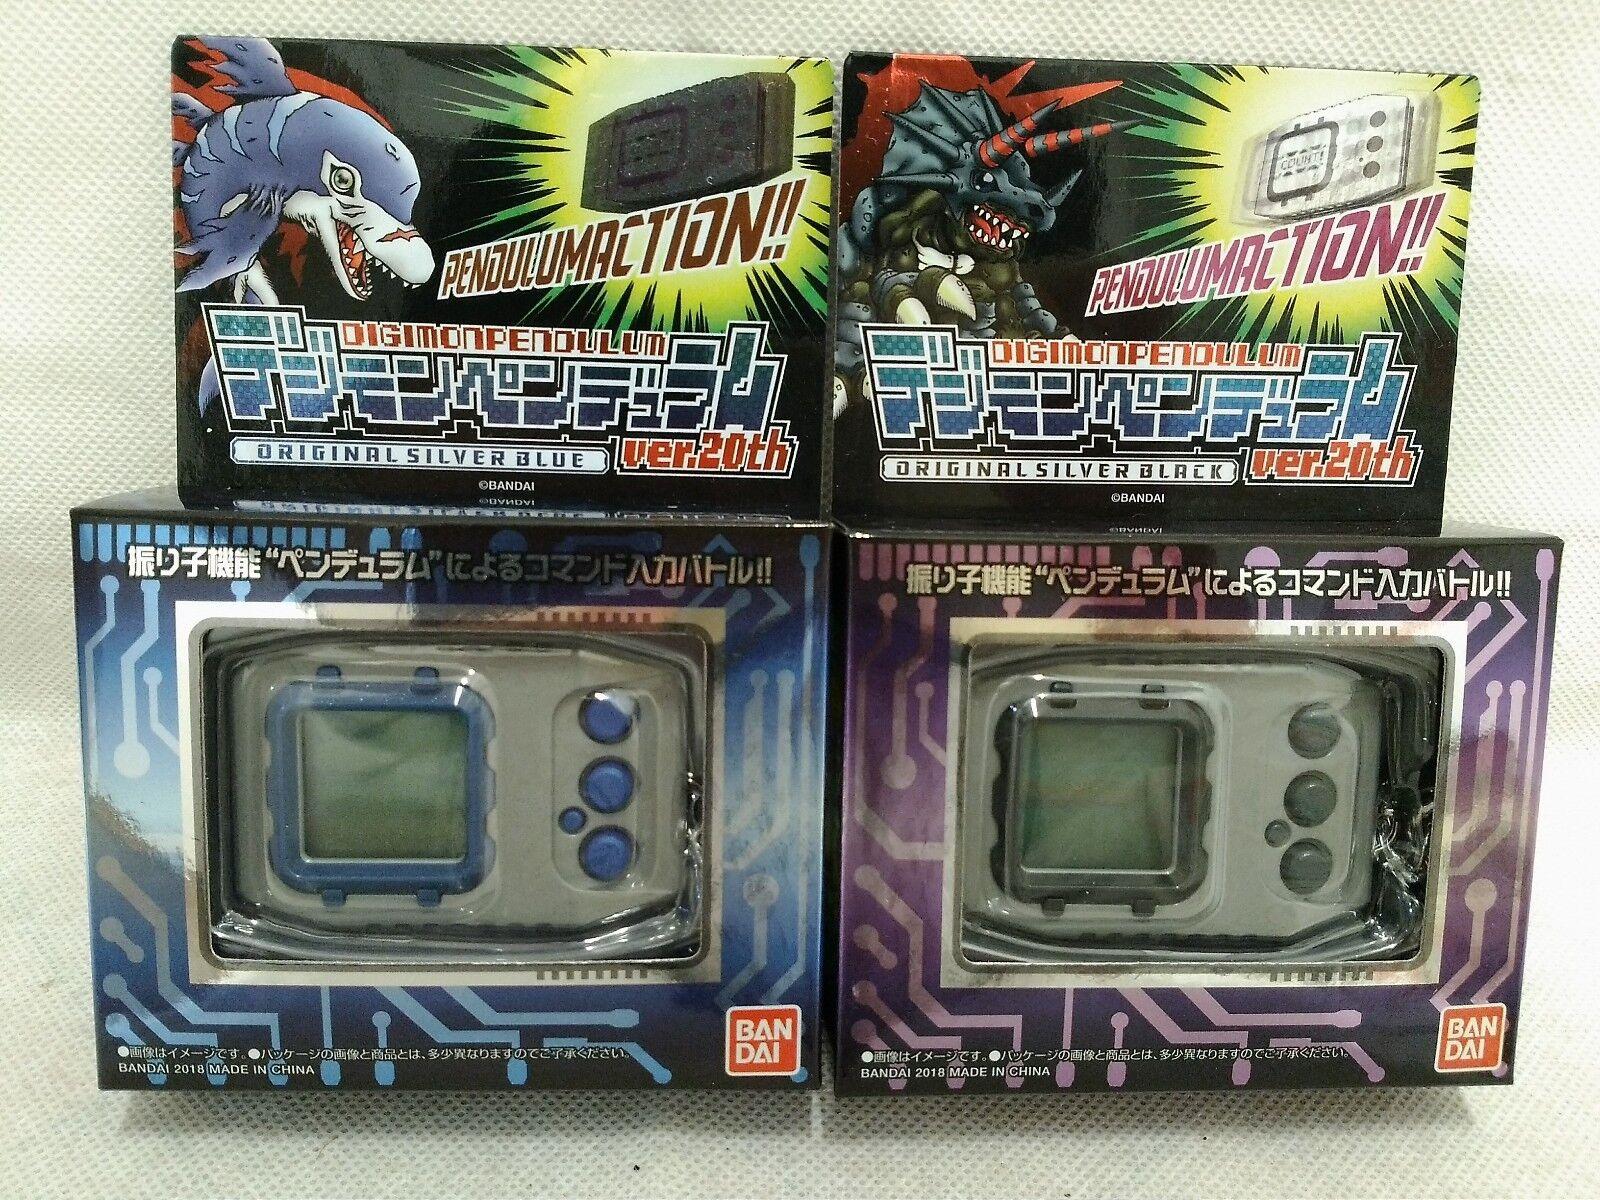 Bandai Digitale Mostro Digimon Pendolo ver.20th Originale Argento Nero & Blu